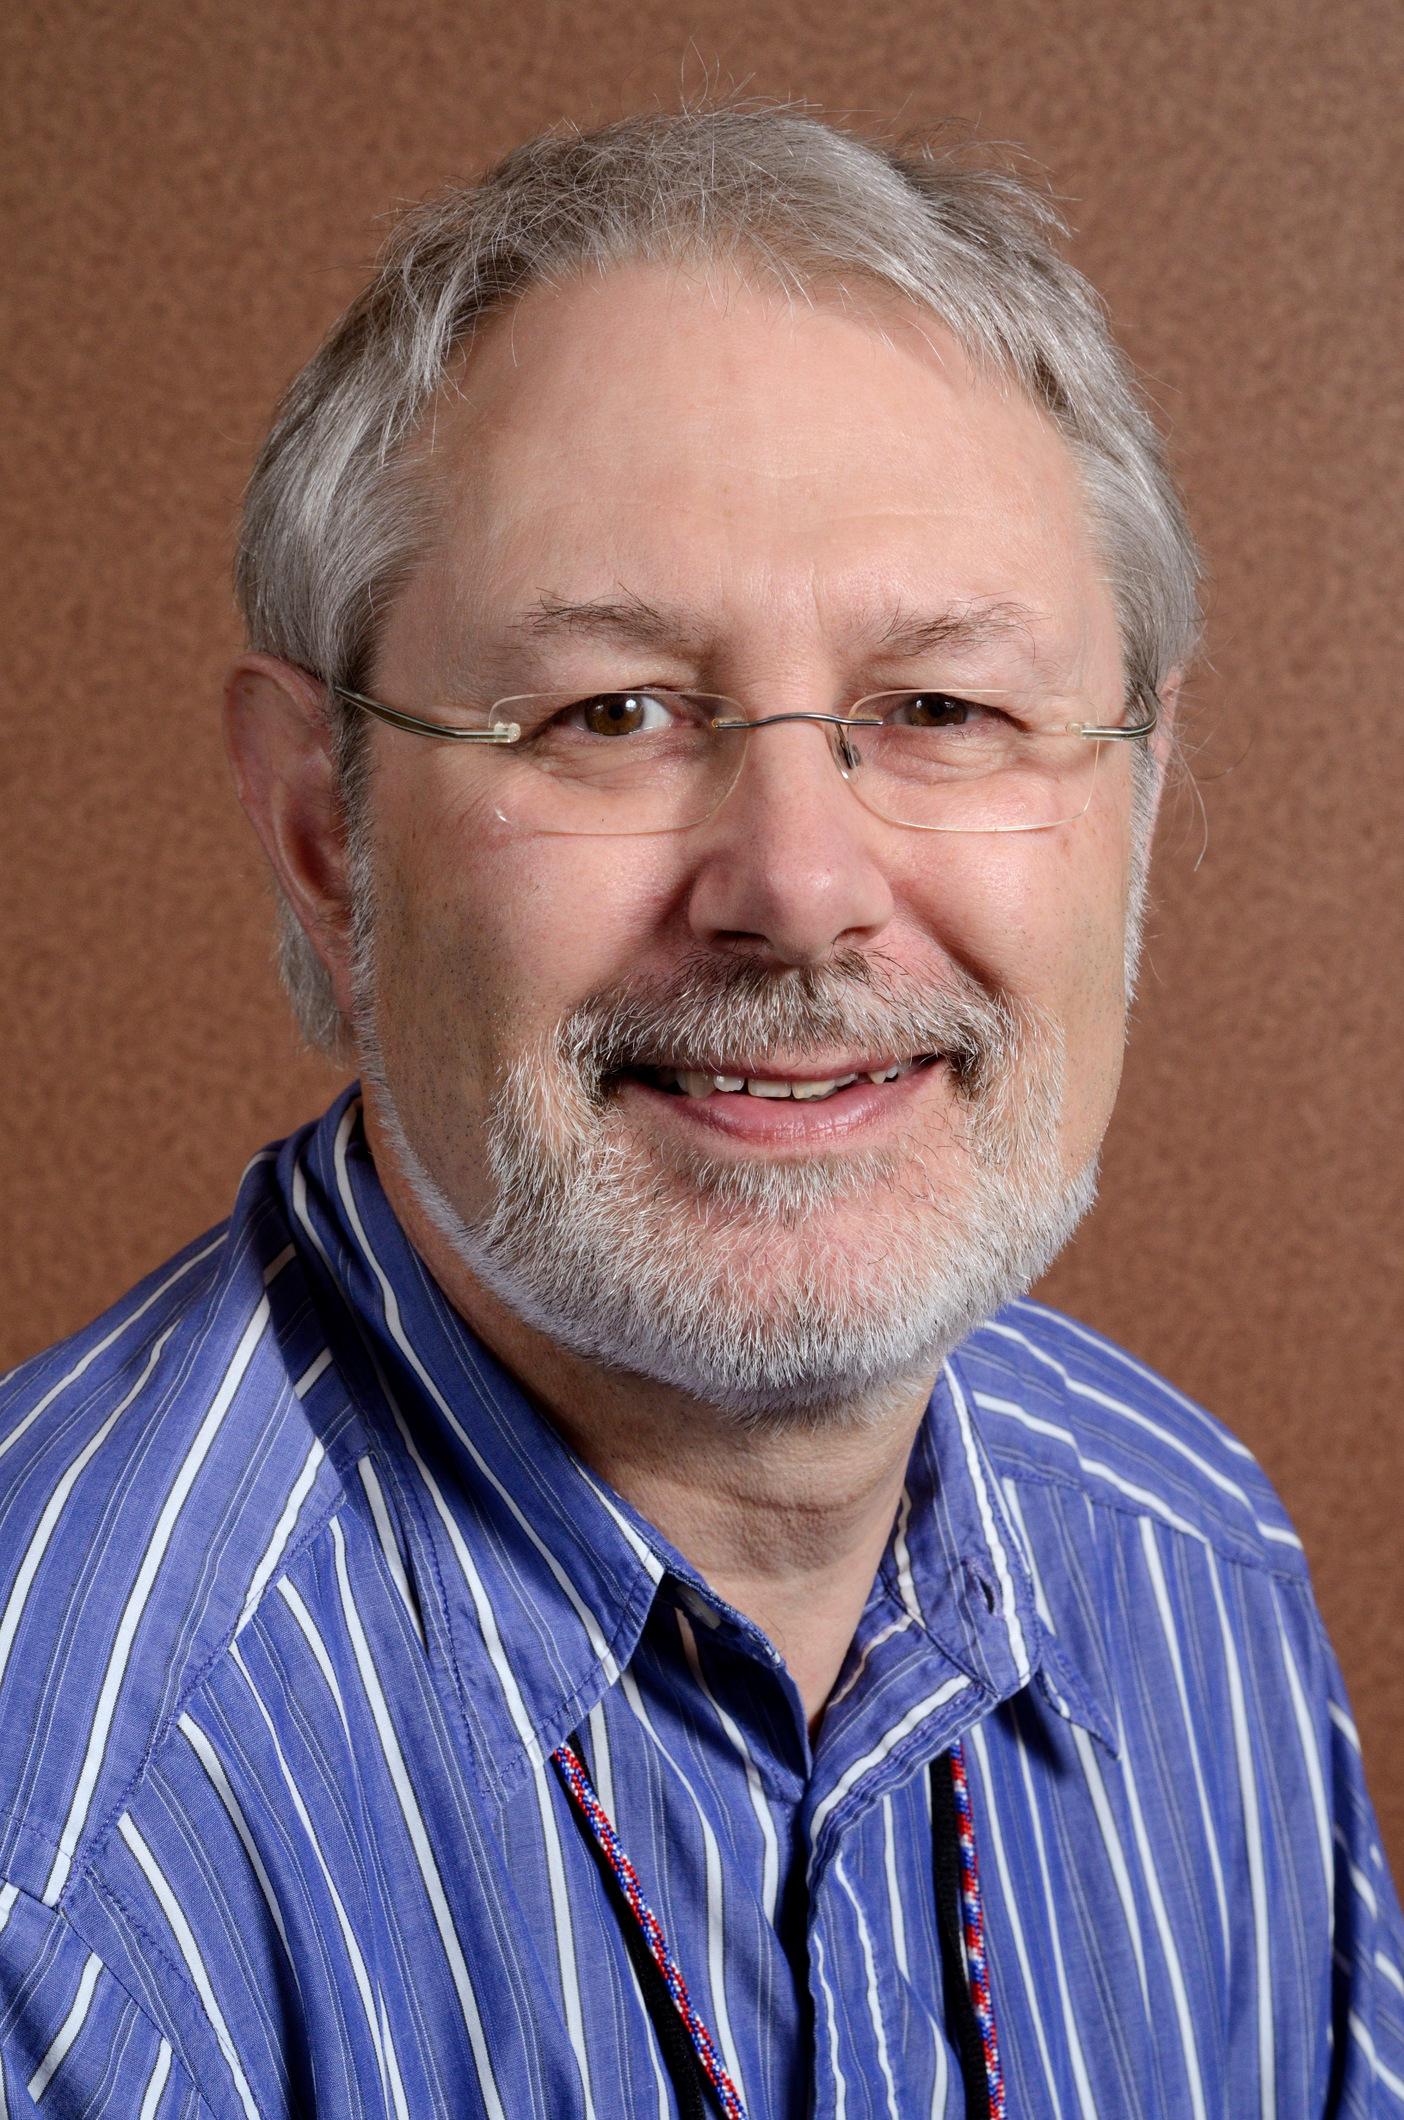 Gary Allman, Springfield Missouri